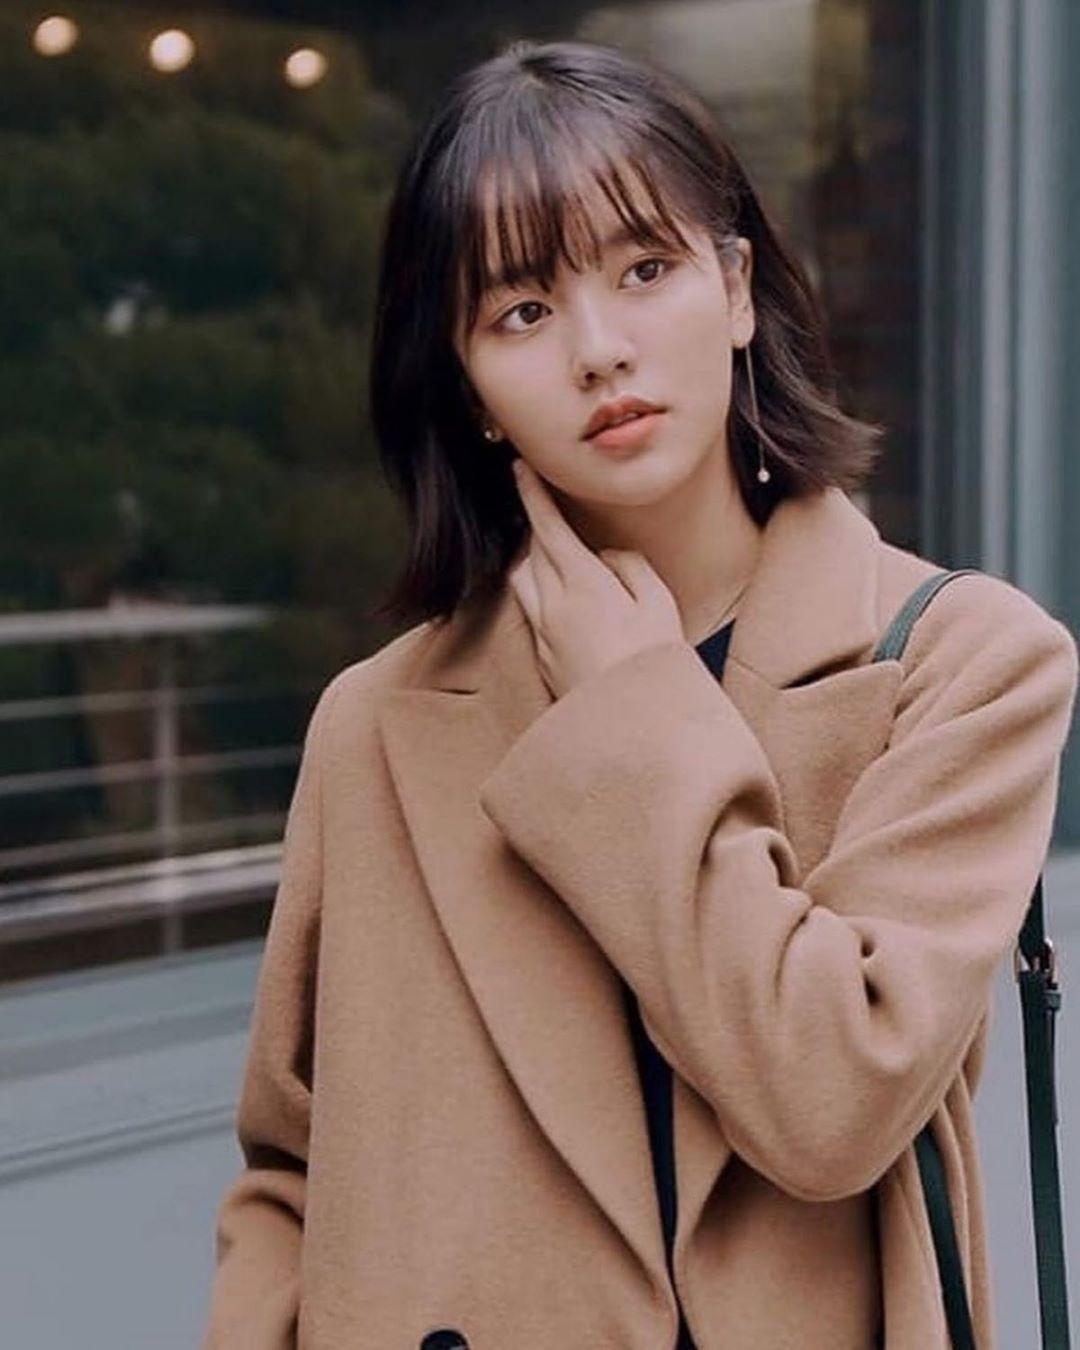 韩国网友票选《有史以来最美韩国女演员》,全智贤居然没进前10名!插图9